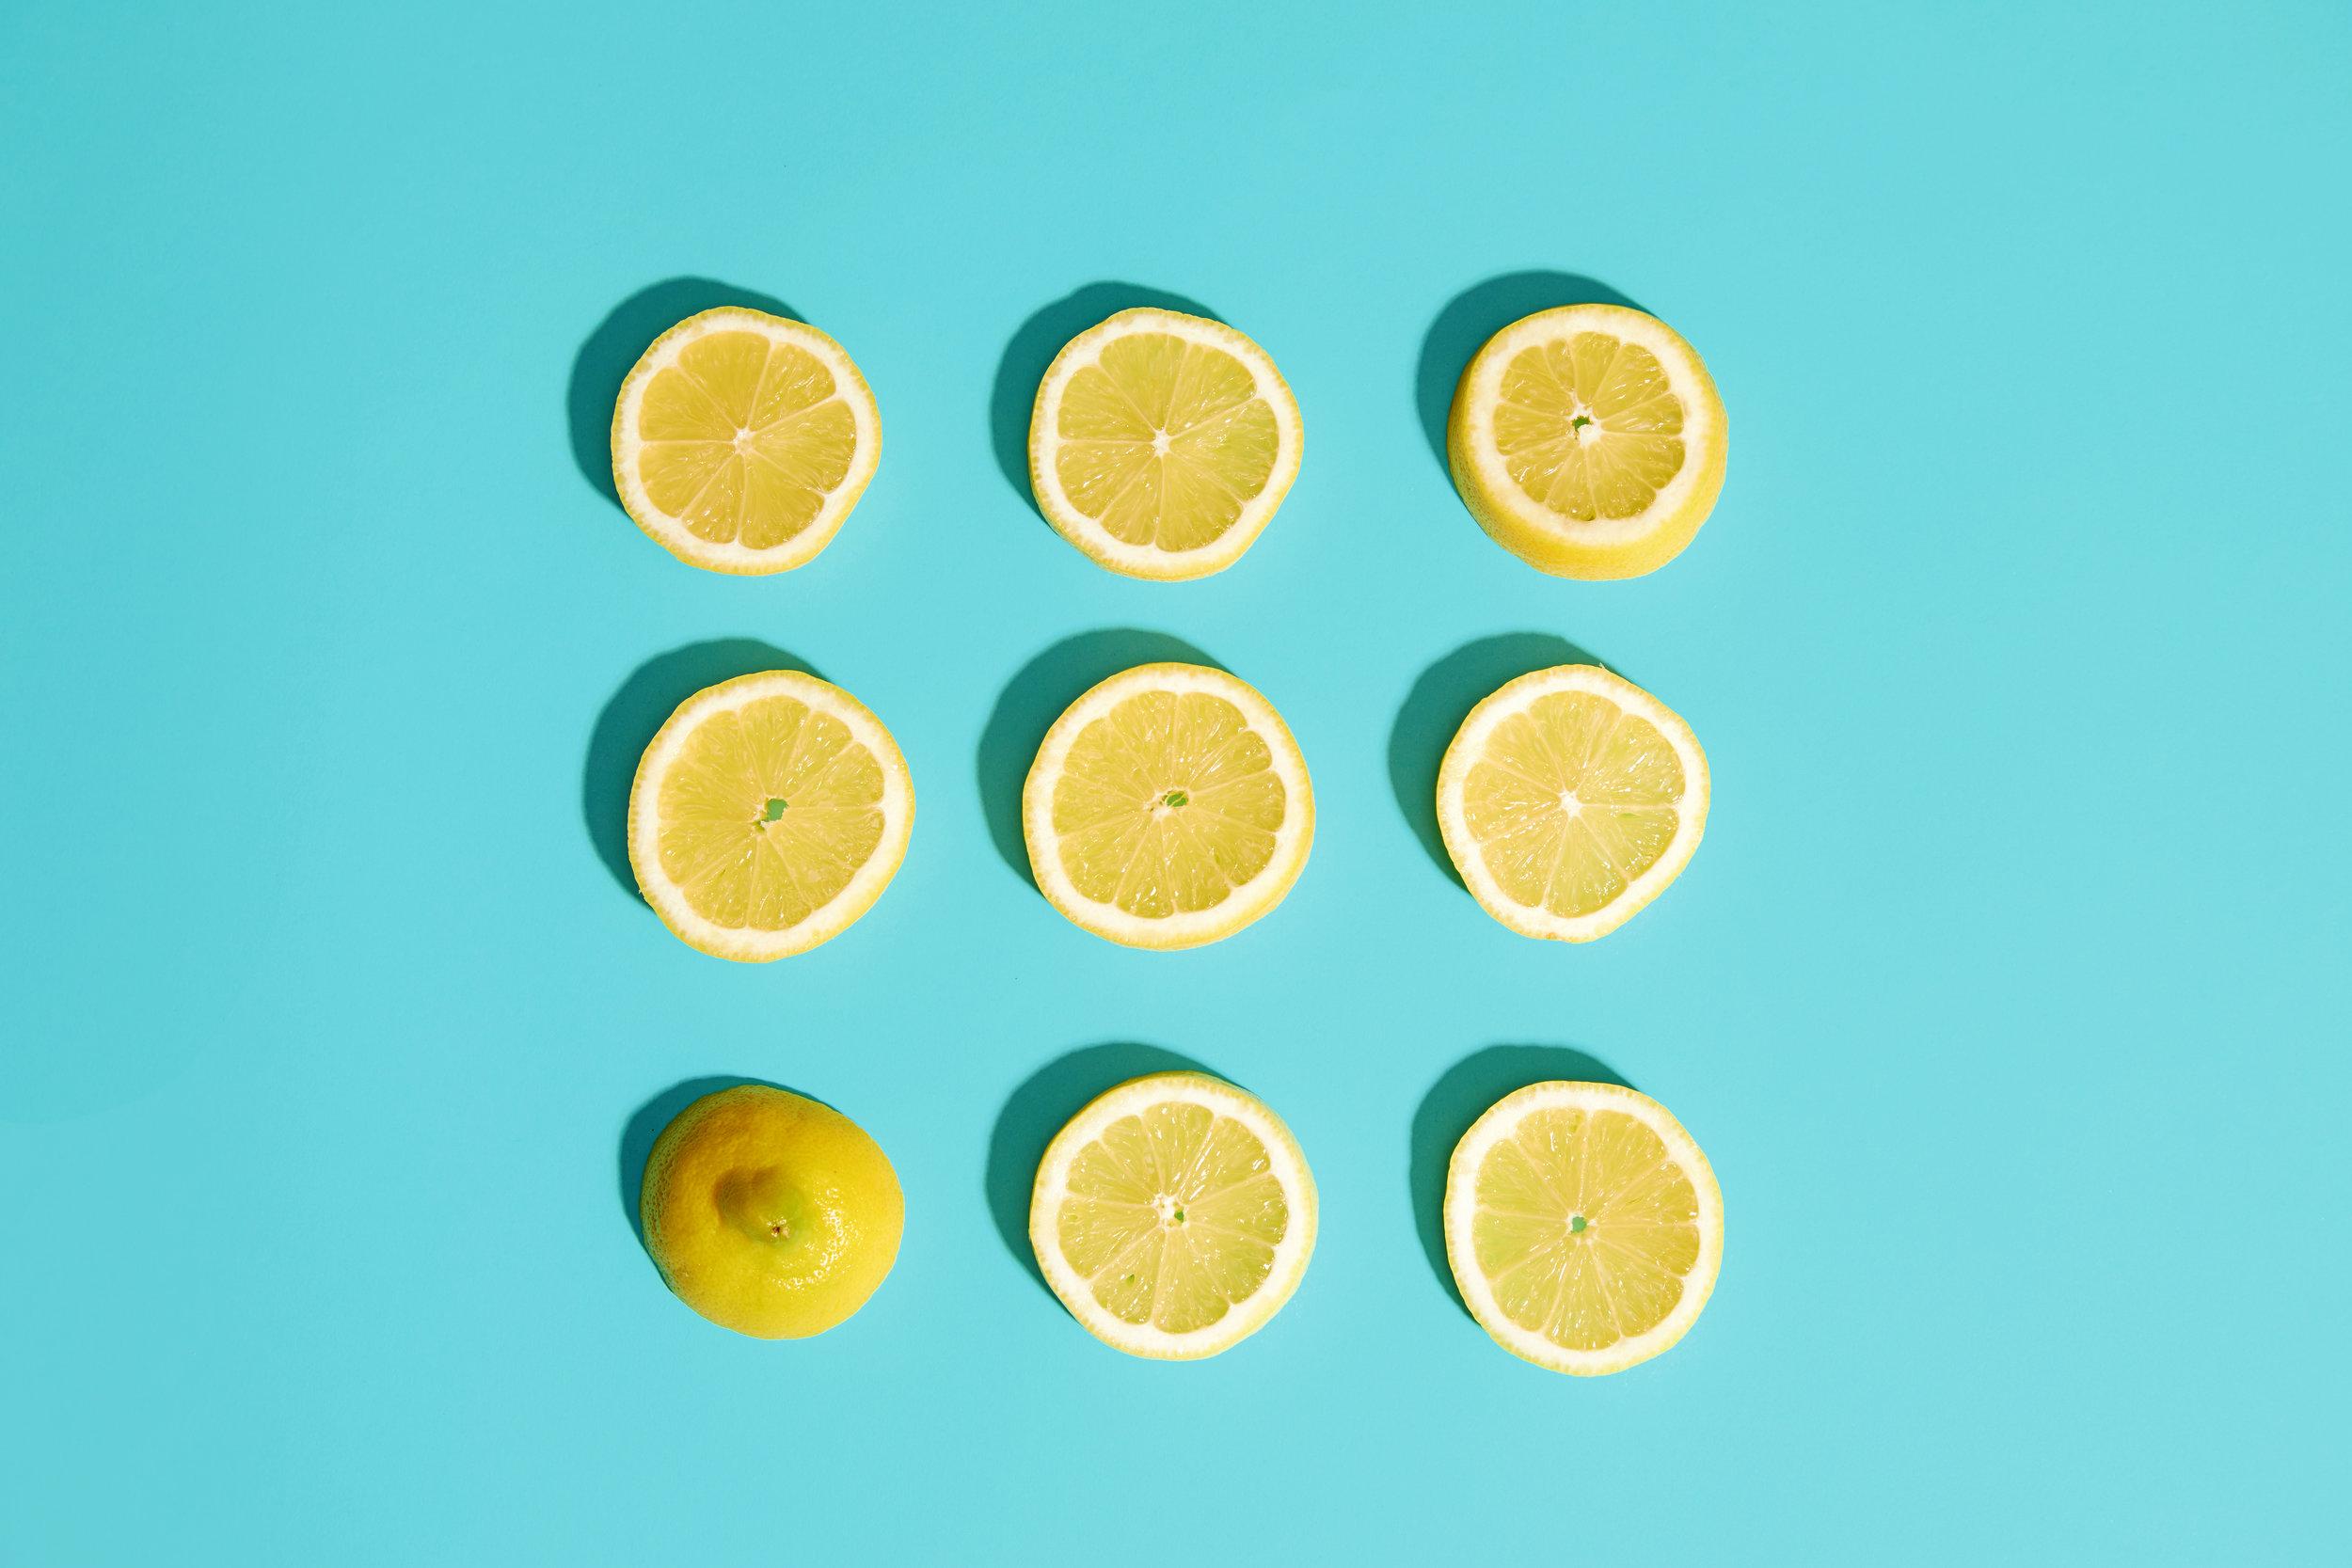 Fruit_Test_12.jpg